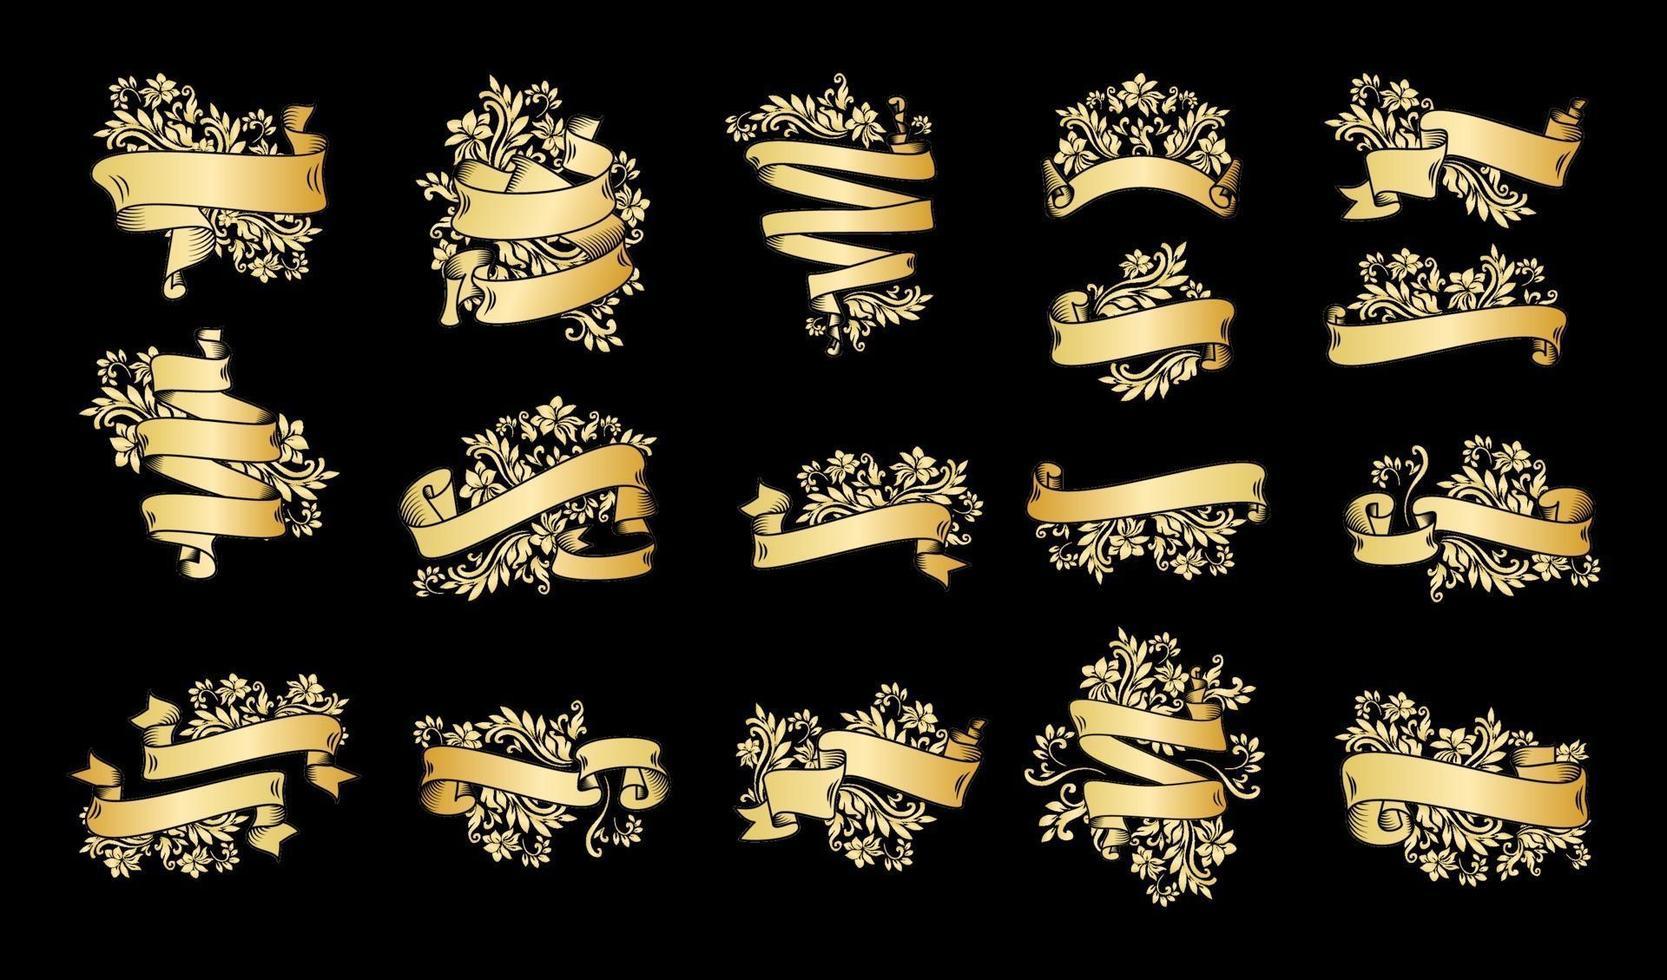 goldene Vintage Bandbanner auf Schwarz vektor